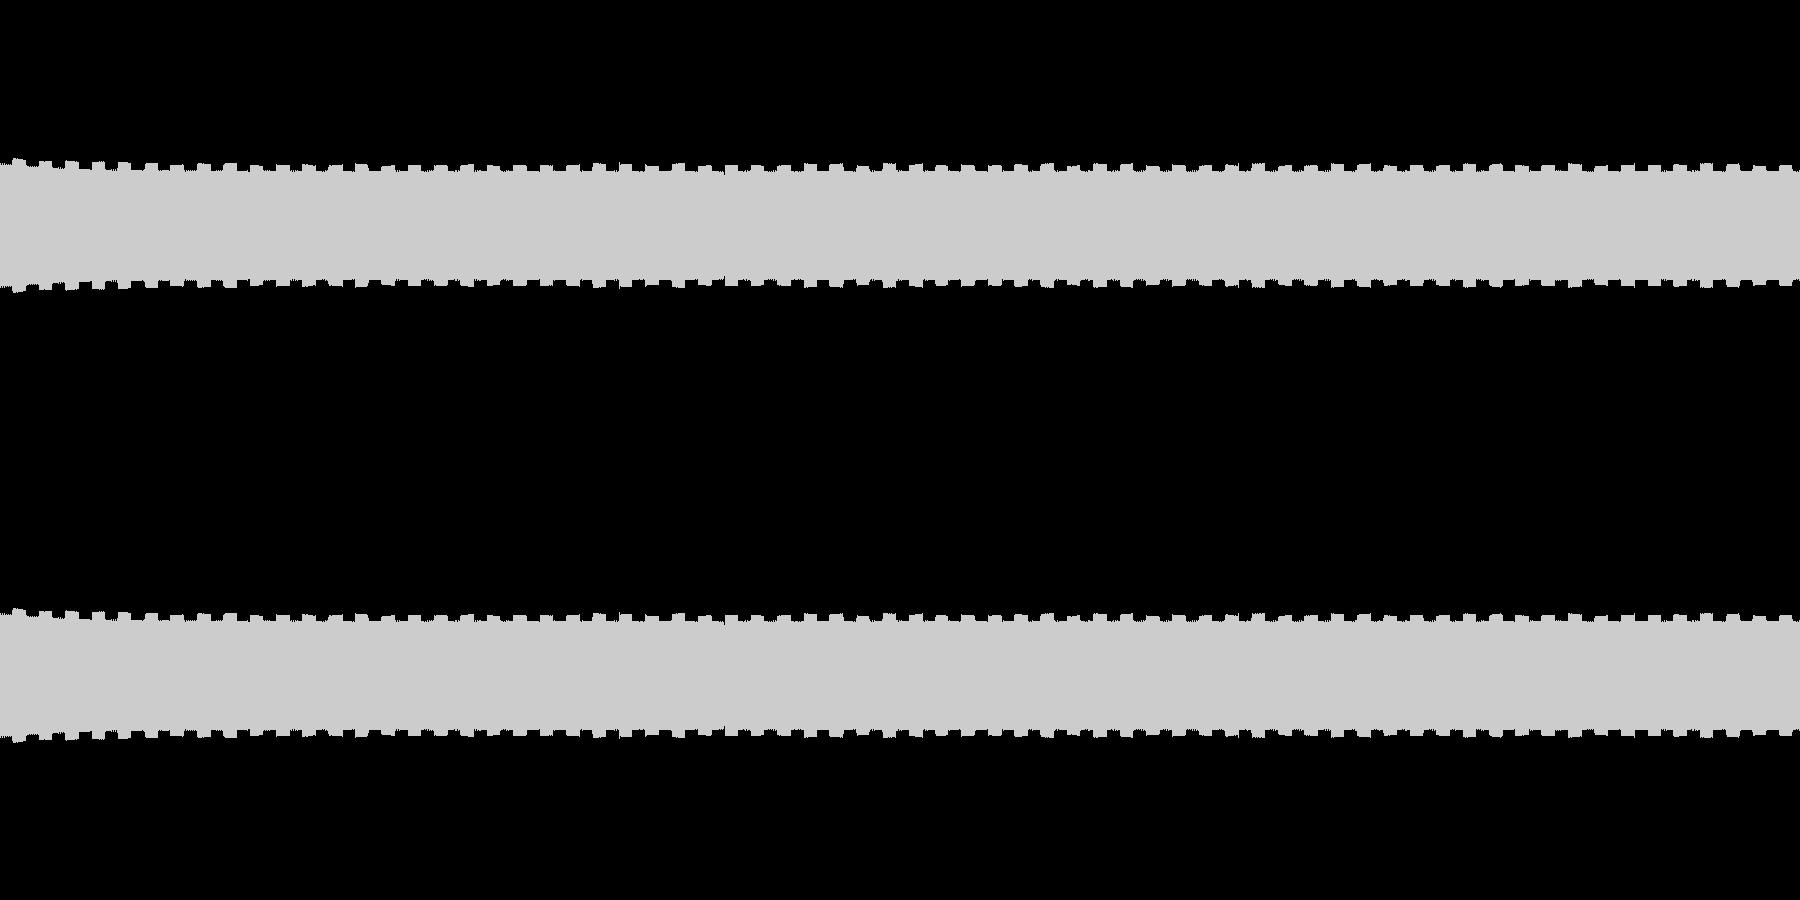 控えめなカウント、ゲージ音 ループ可の未再生の波形